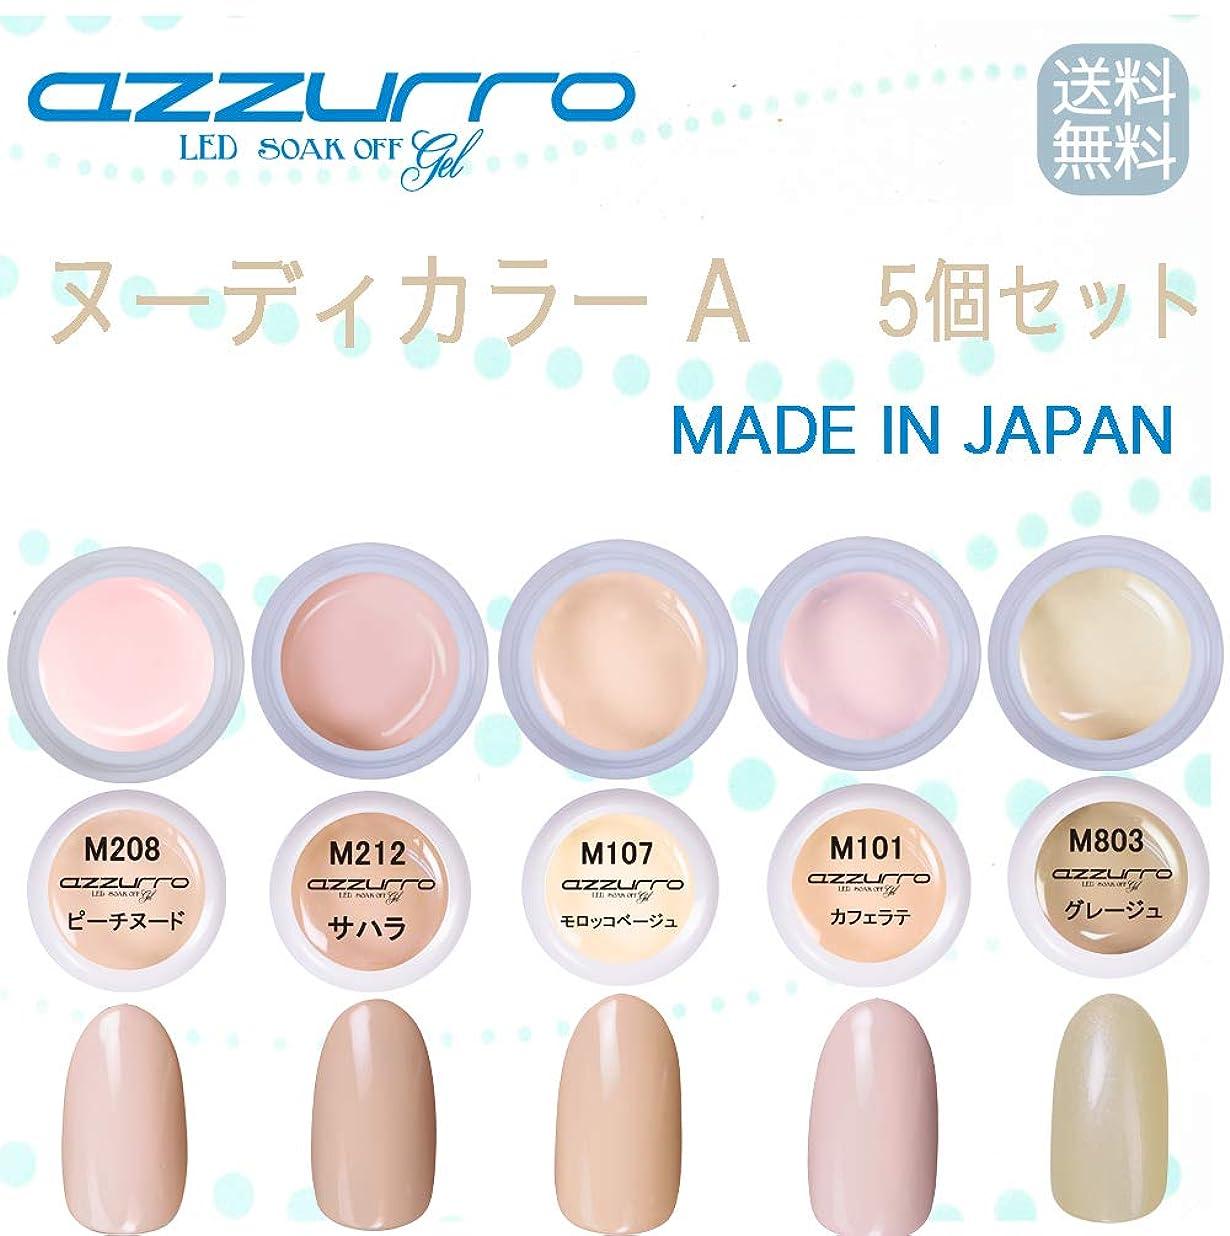 解体するぴかぴか神社【送料無料】日本製 azzurro gel ヌーディカラージェルAセット ヌーデイで扱いやすい人気なカラー